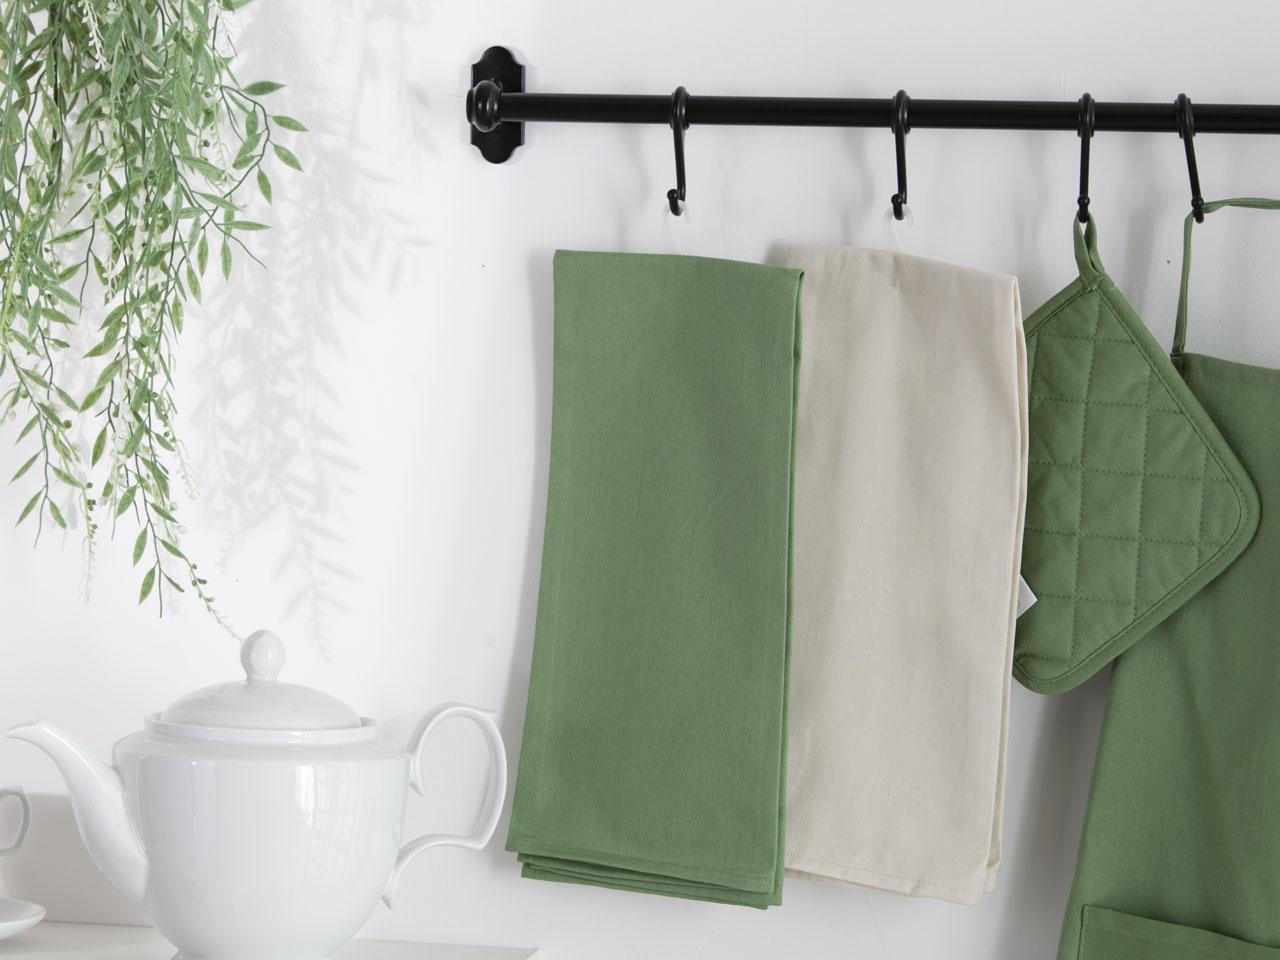 Ręcznik / Ściereczka kuchenna 100% bawełna Altom Design kolekcja Monokolor zielona